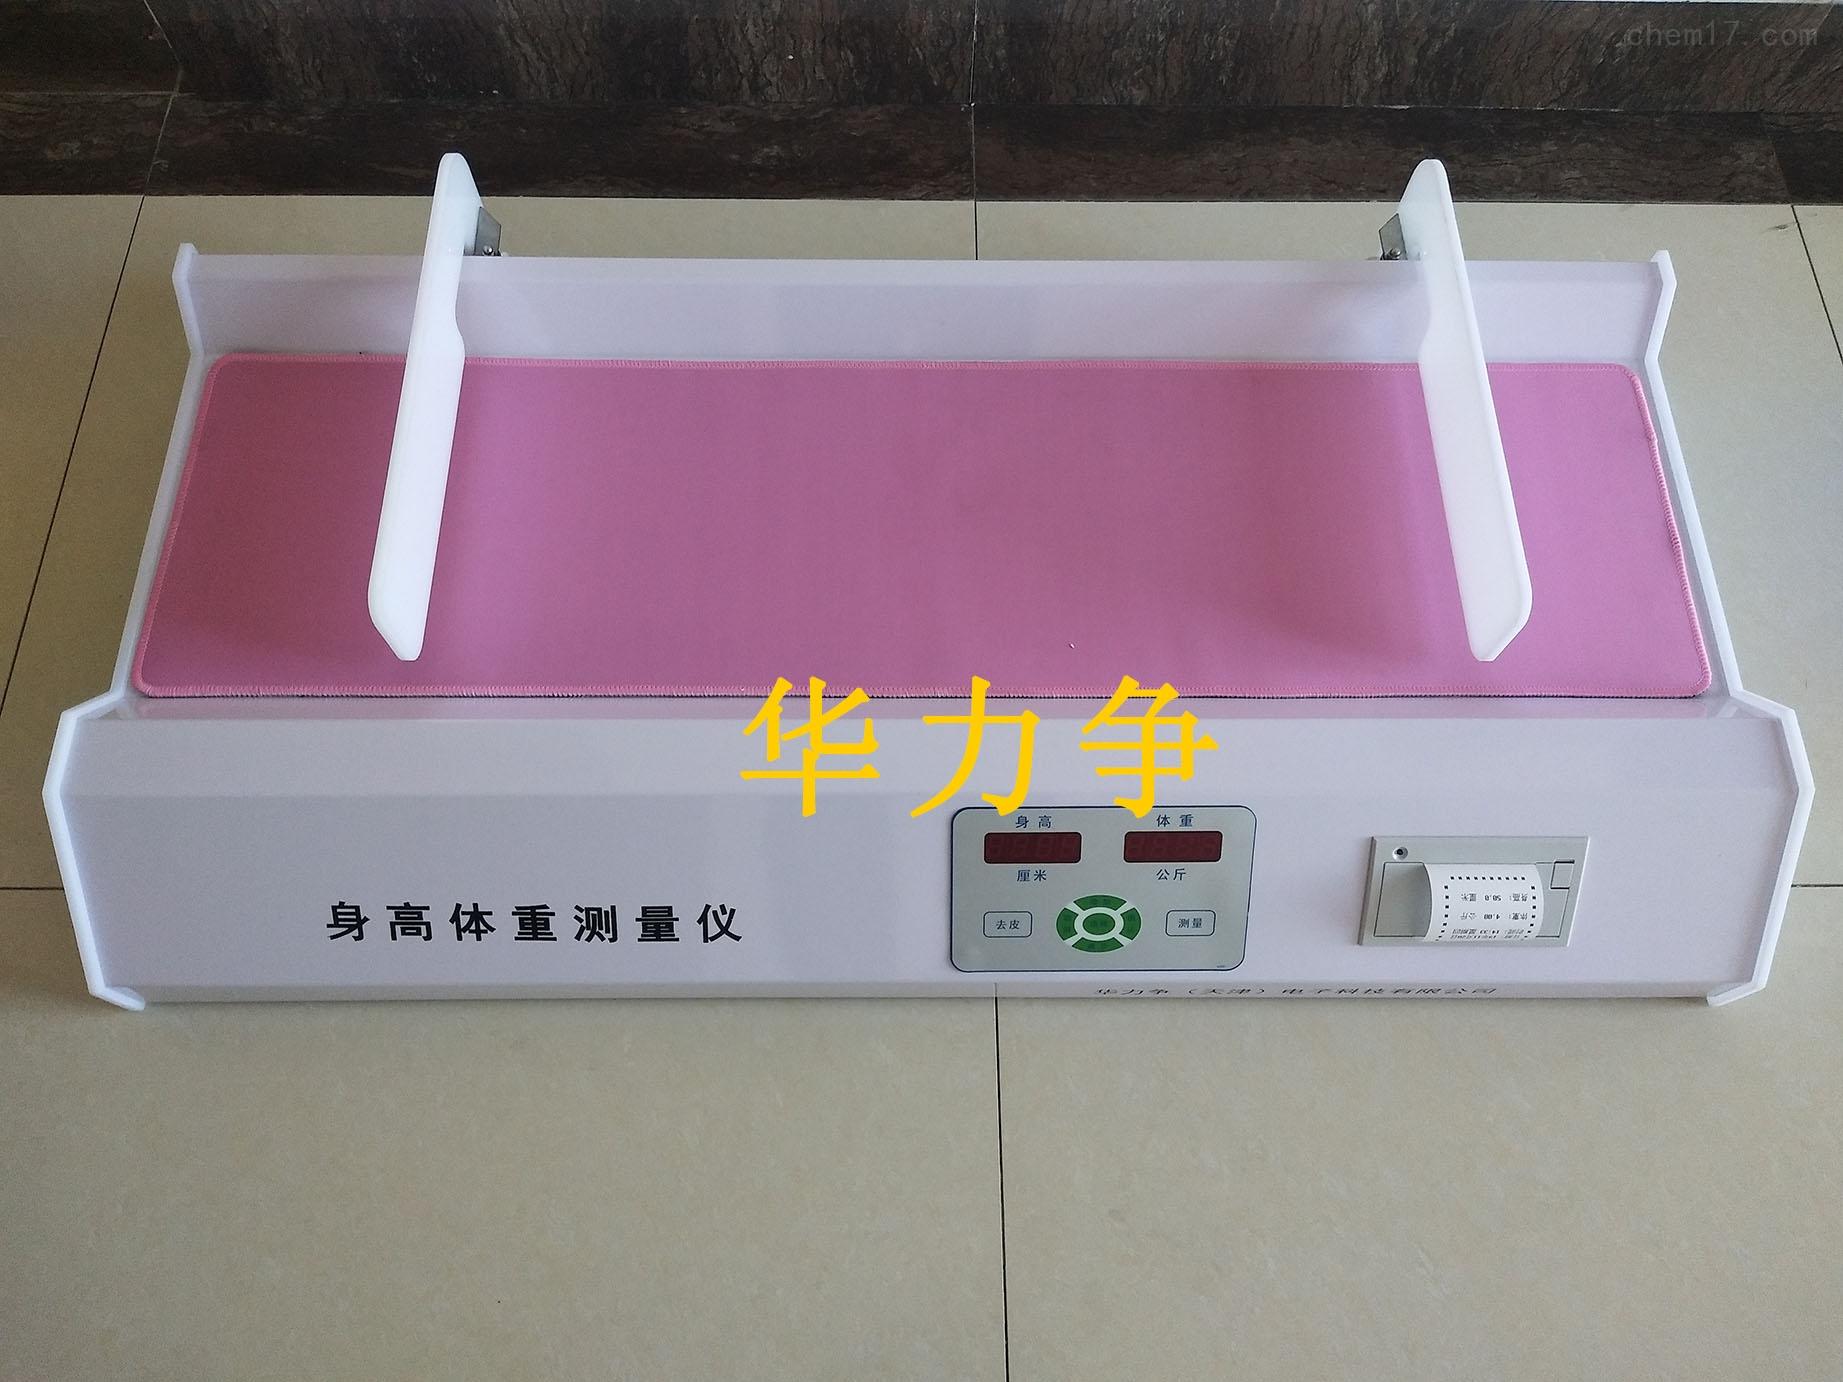 新生儿婴儿秤身长体重测量仪/宝宝体检仪